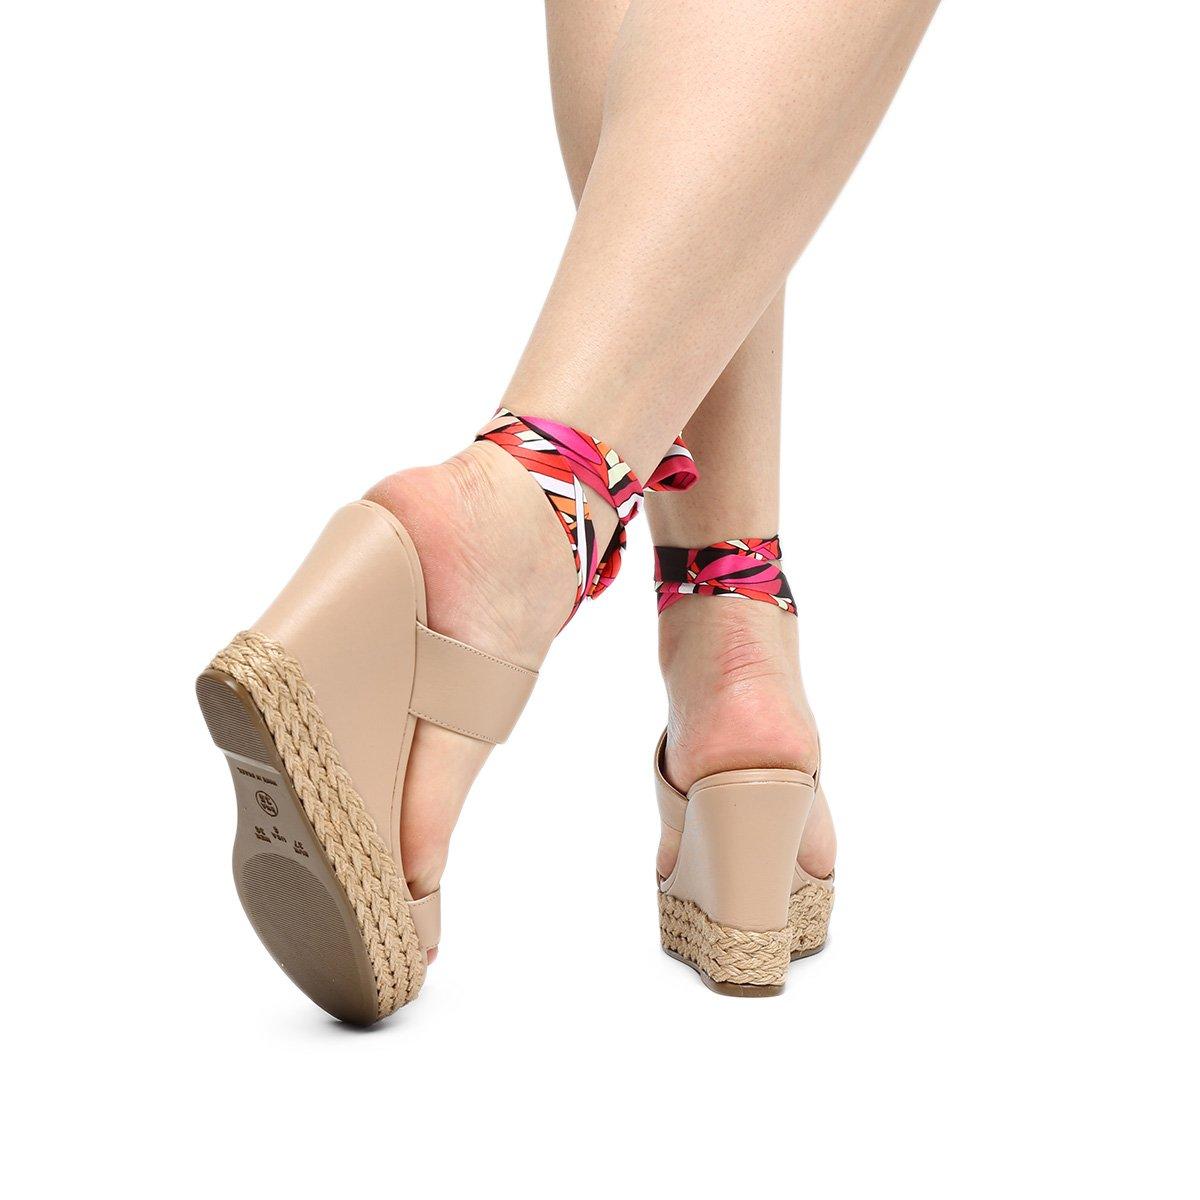 Foto 2 - Sandália Plataforma Shoestock Lenço Corda Feminina